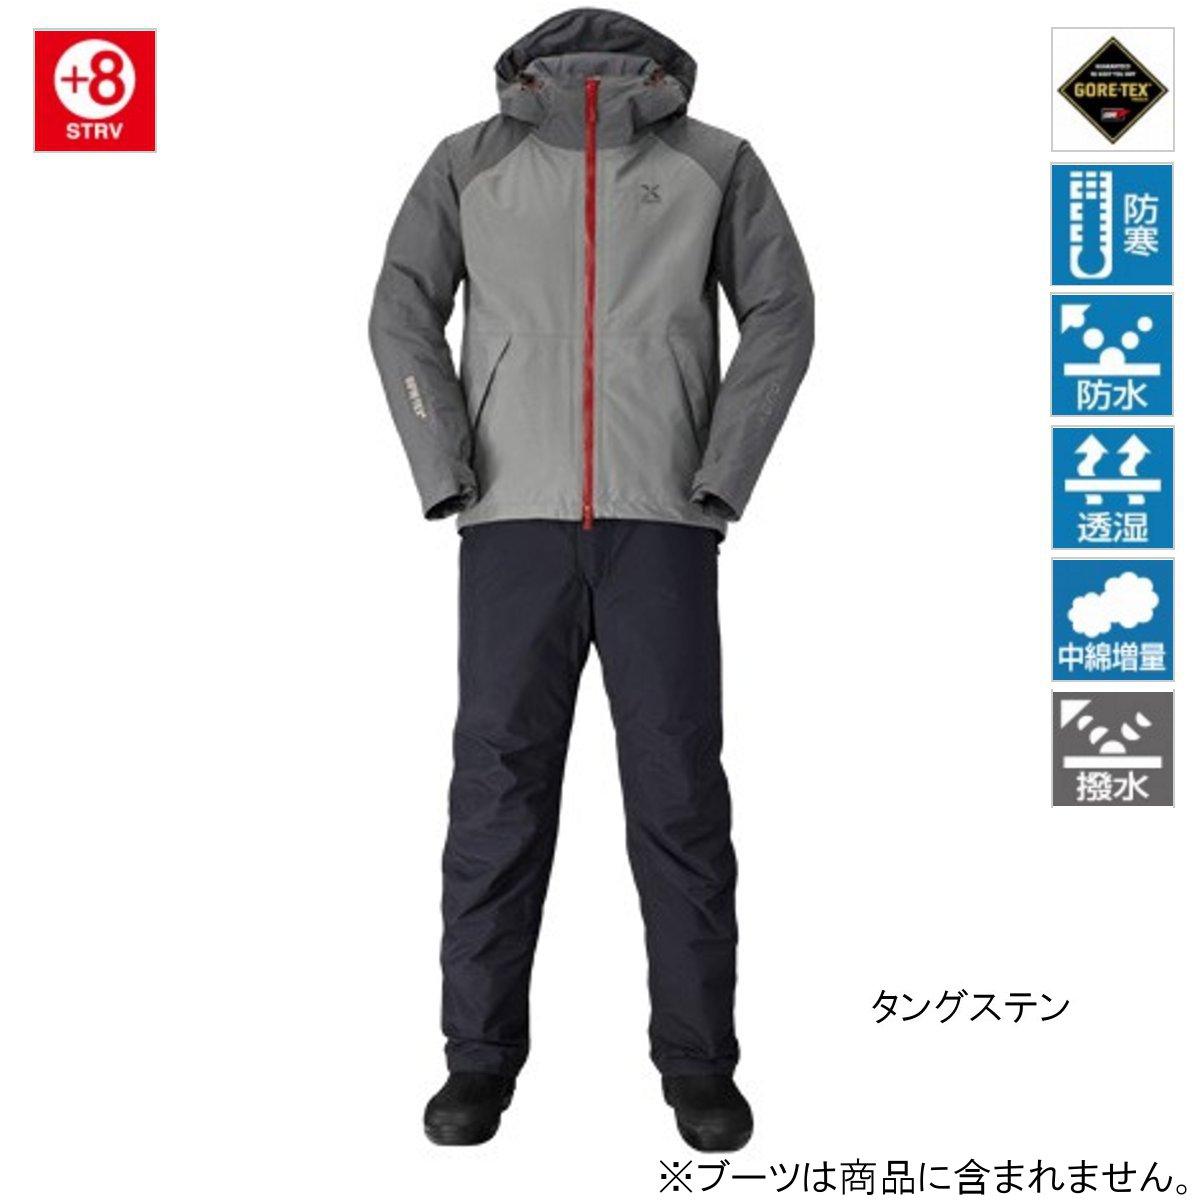 【訳あり 売り尽し 50%OFF】 シマノ XEFO GORE-TEX COZY SUIT RB-214P L タングステン